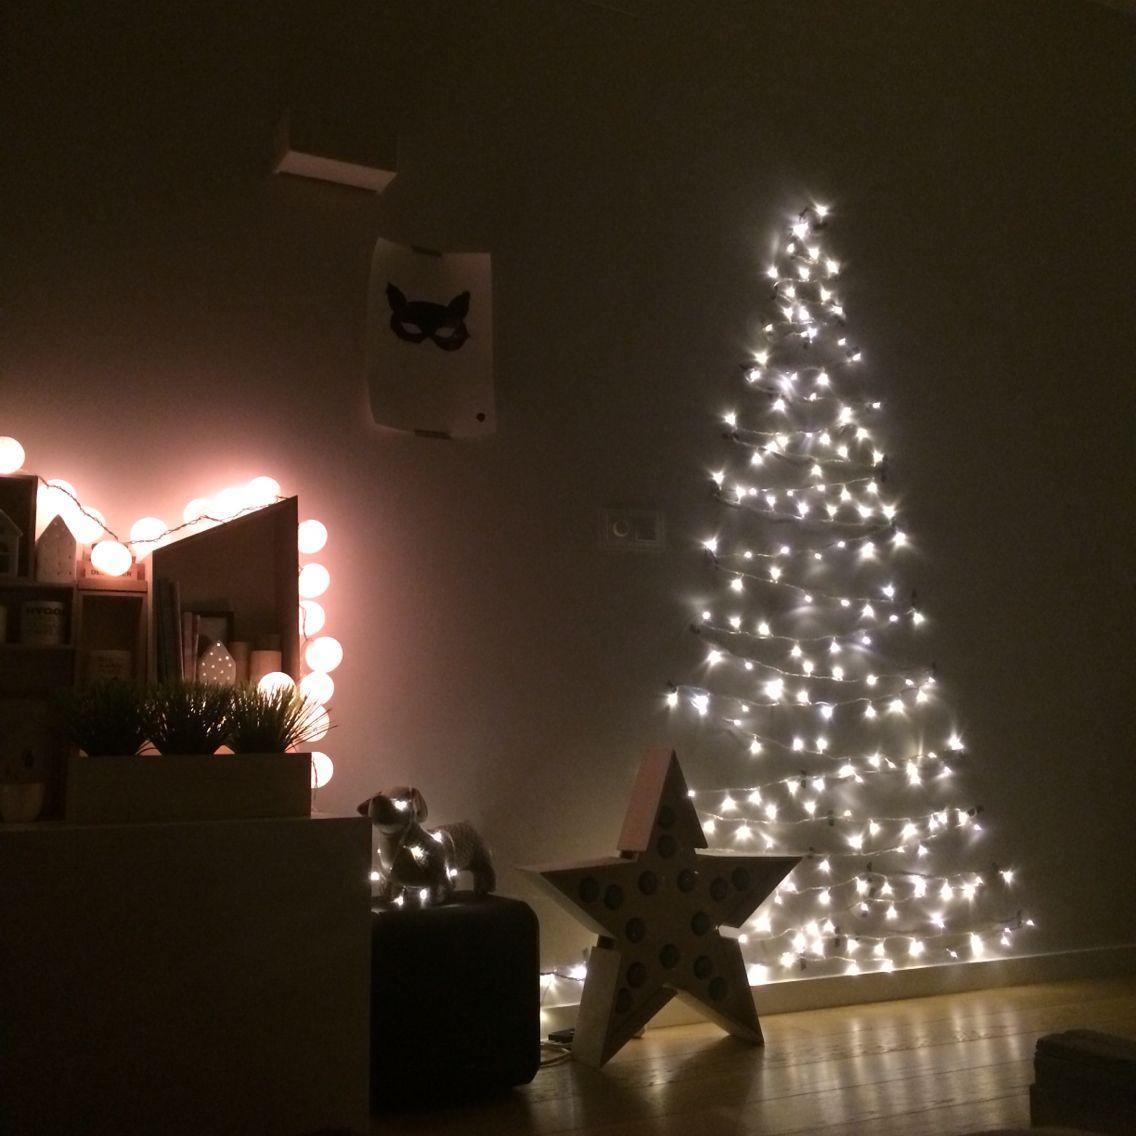 Arbol de navidad facil y barato con washitape y luces led - Luces arbol de navidad ...